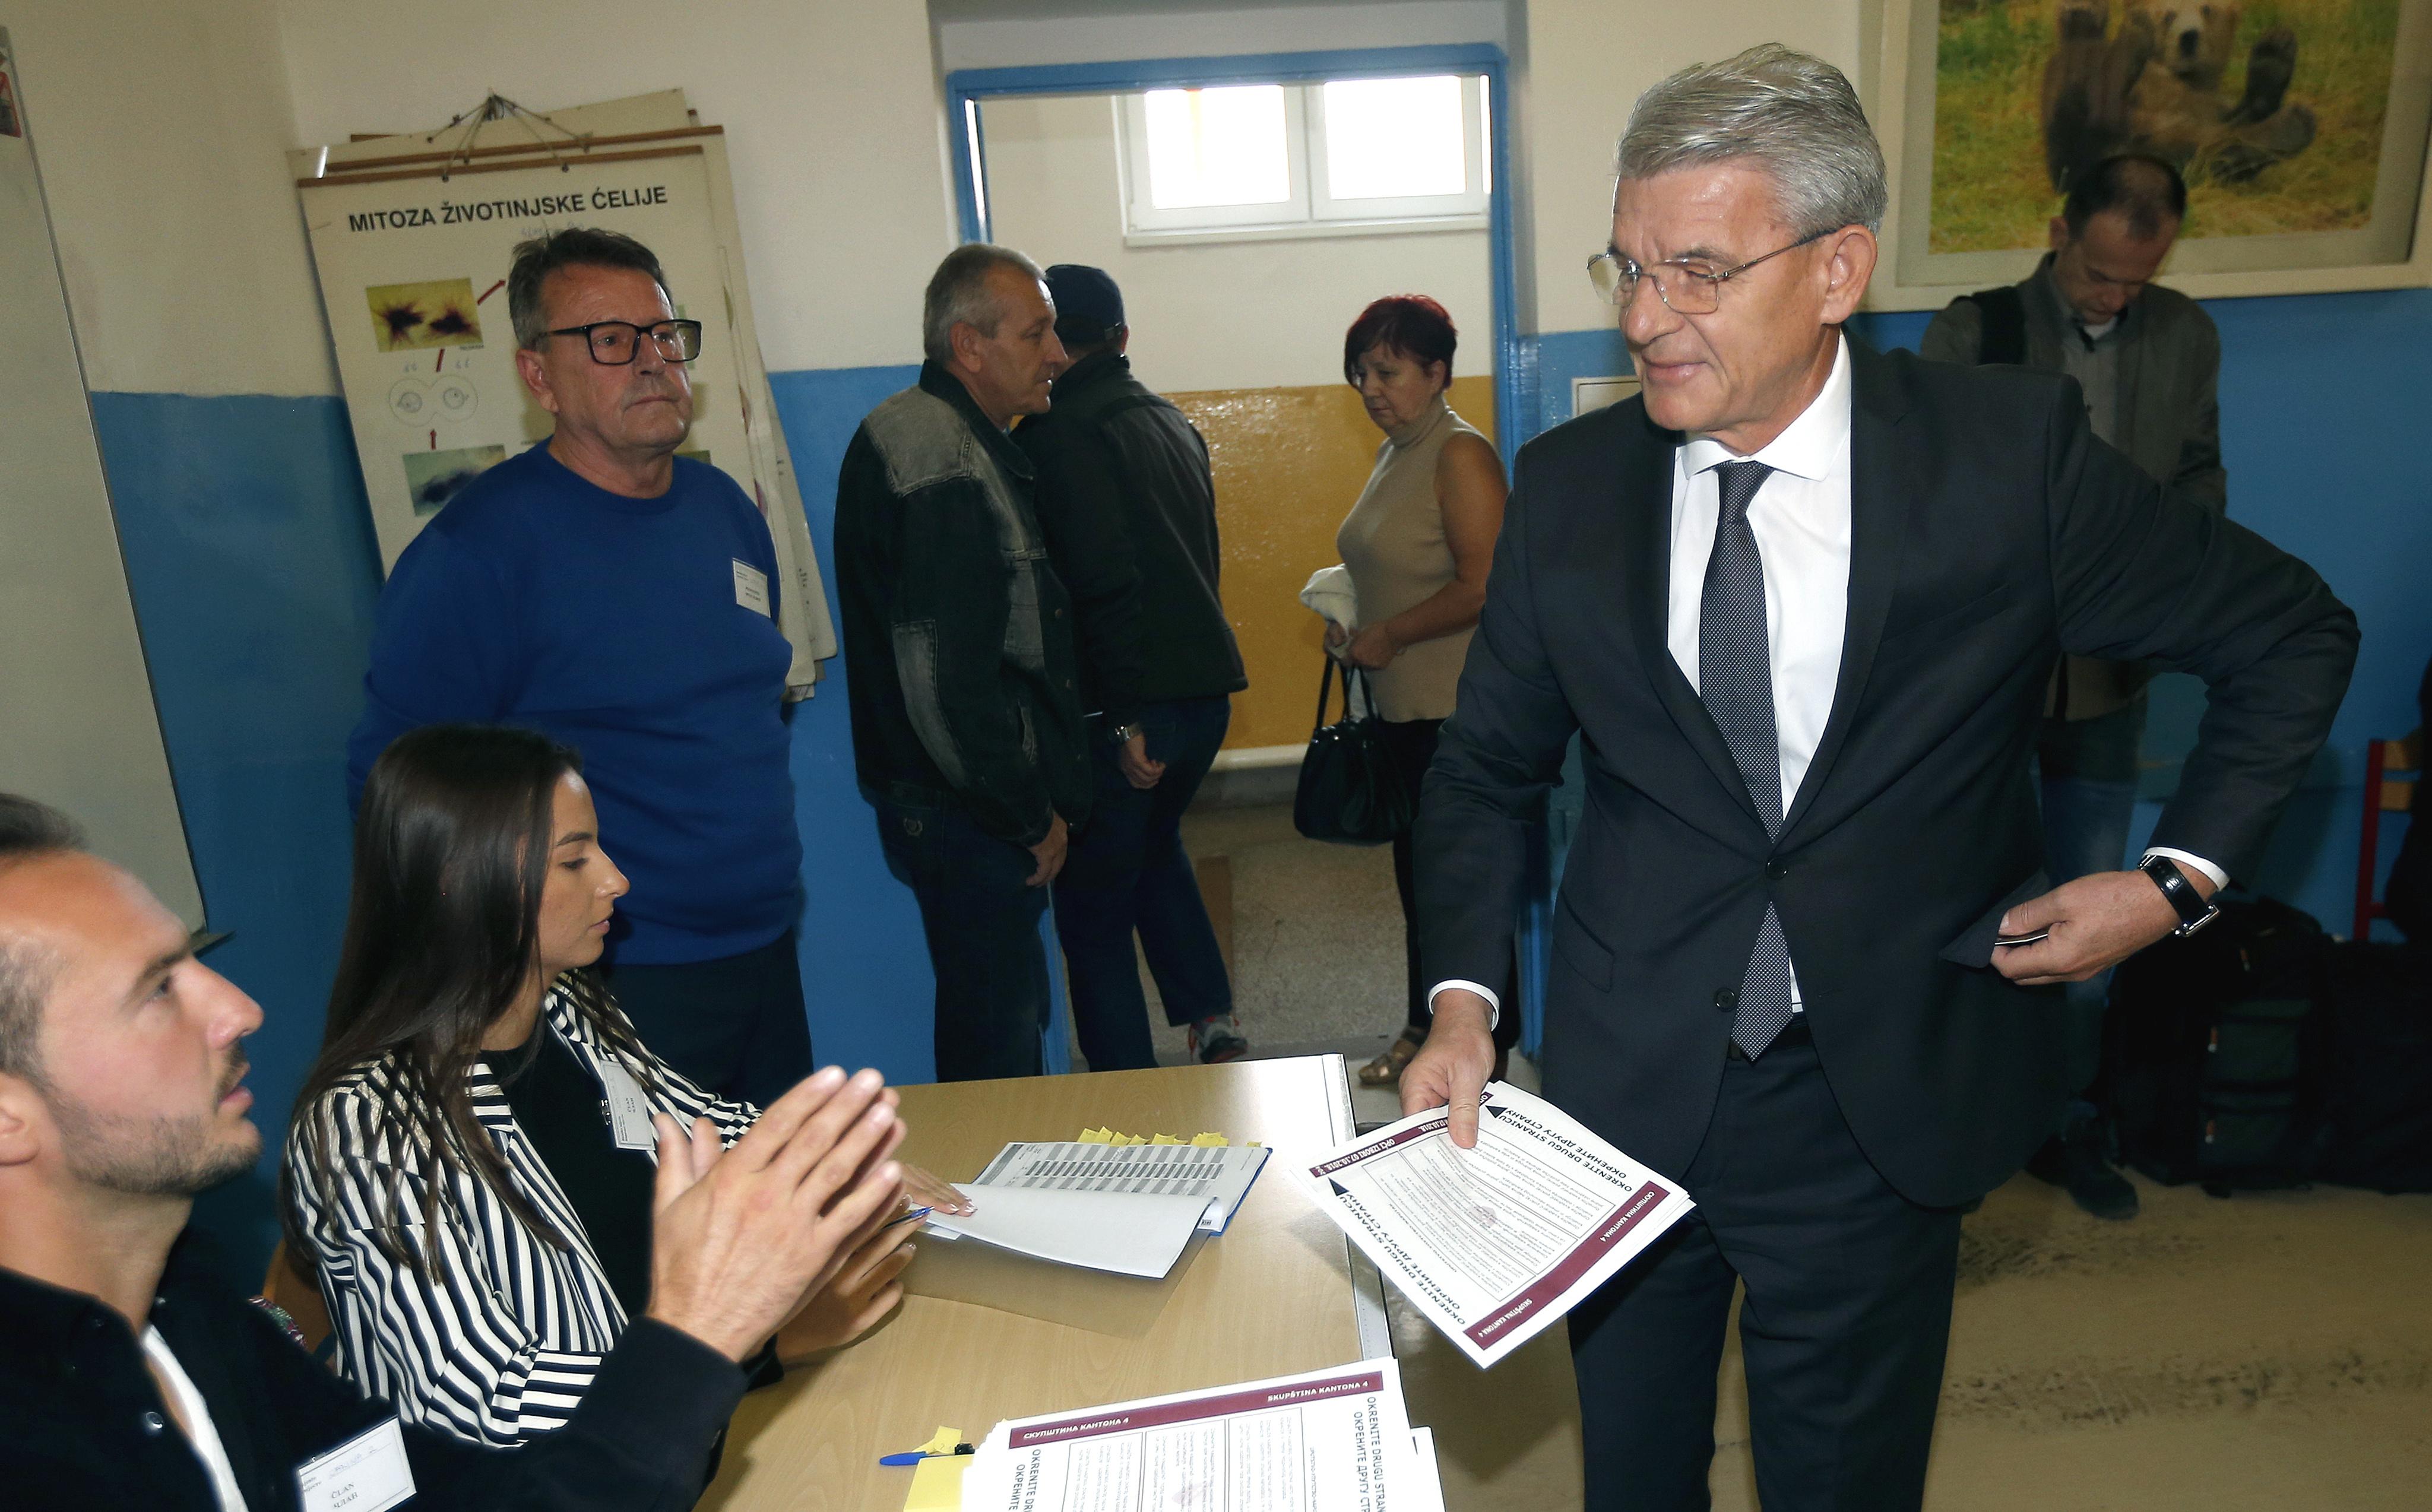 Na uzorku od 20 posto vode Džaferović, Komšić i Dodik